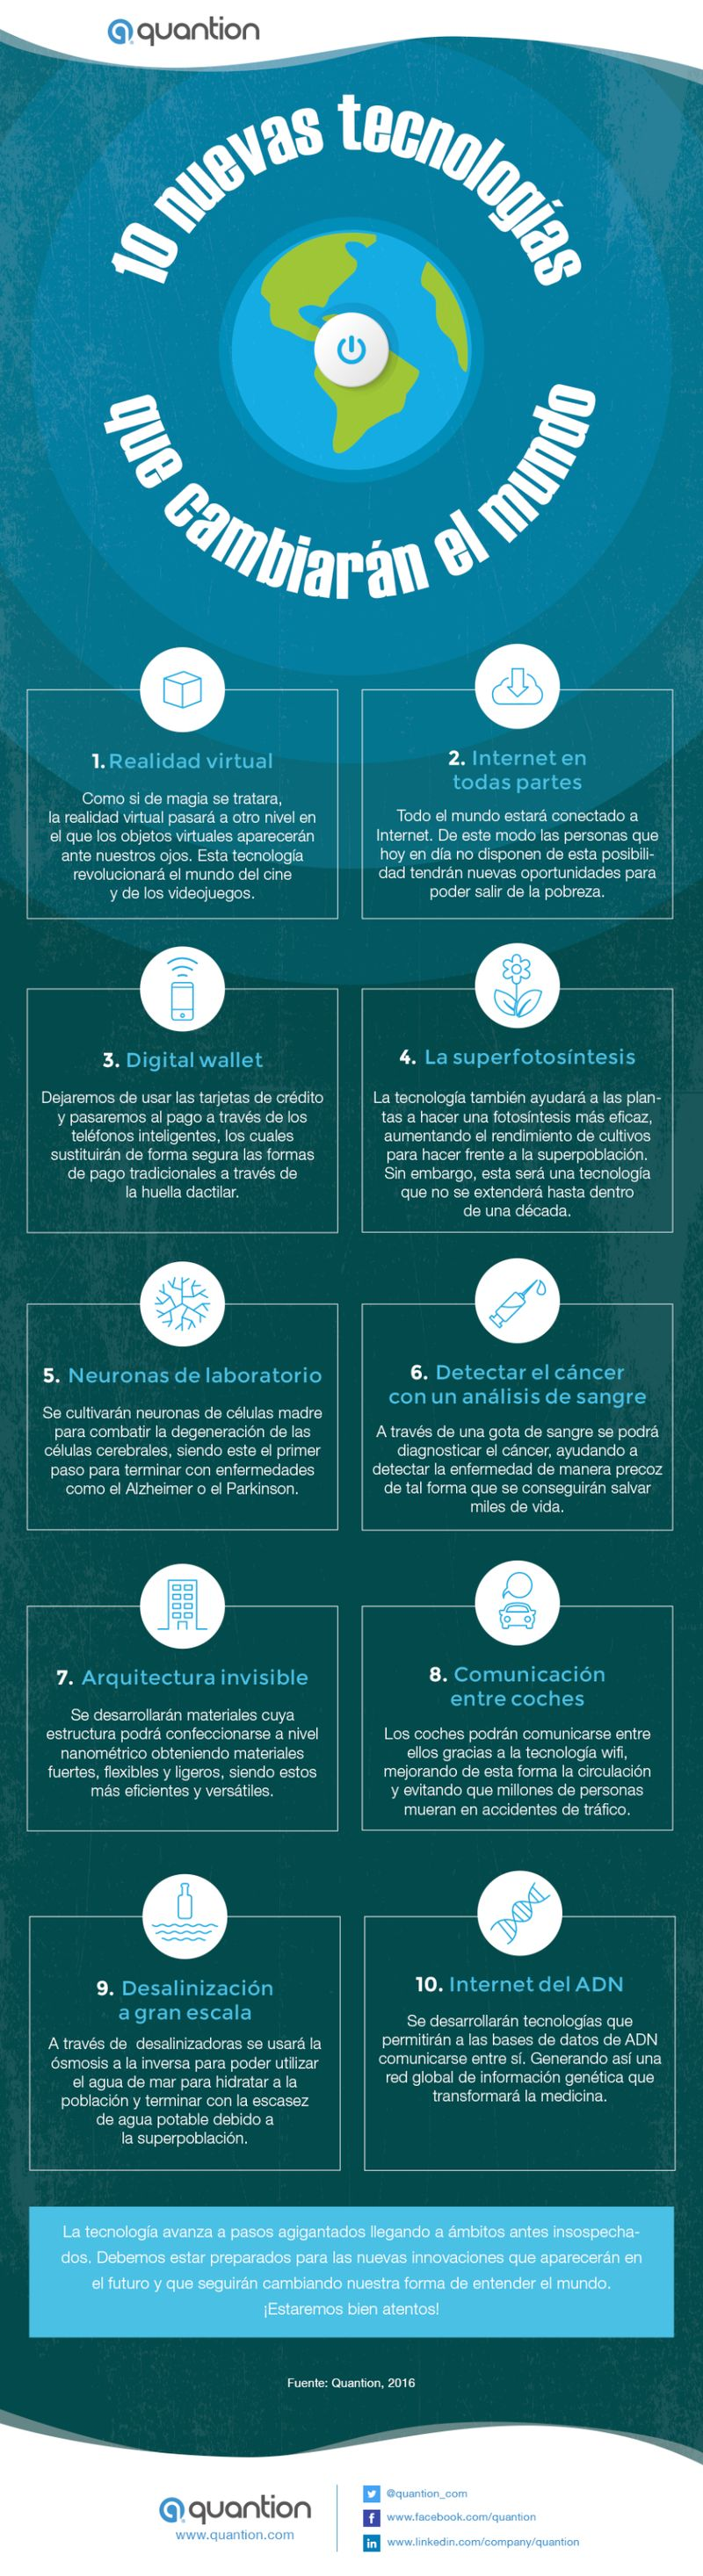 10 nuevas tecnologias para cambiar el mundo Infografia 10 nuevas tecnologías que van cambiar el mundo